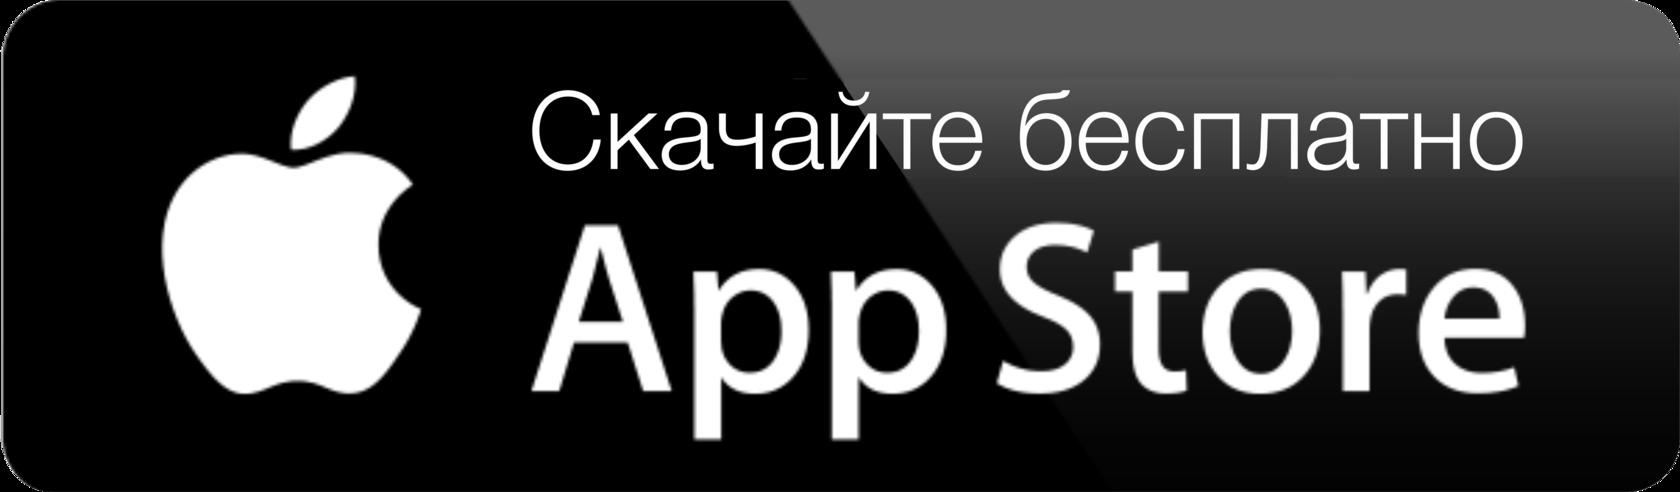 Скачать бесплатно в App Store